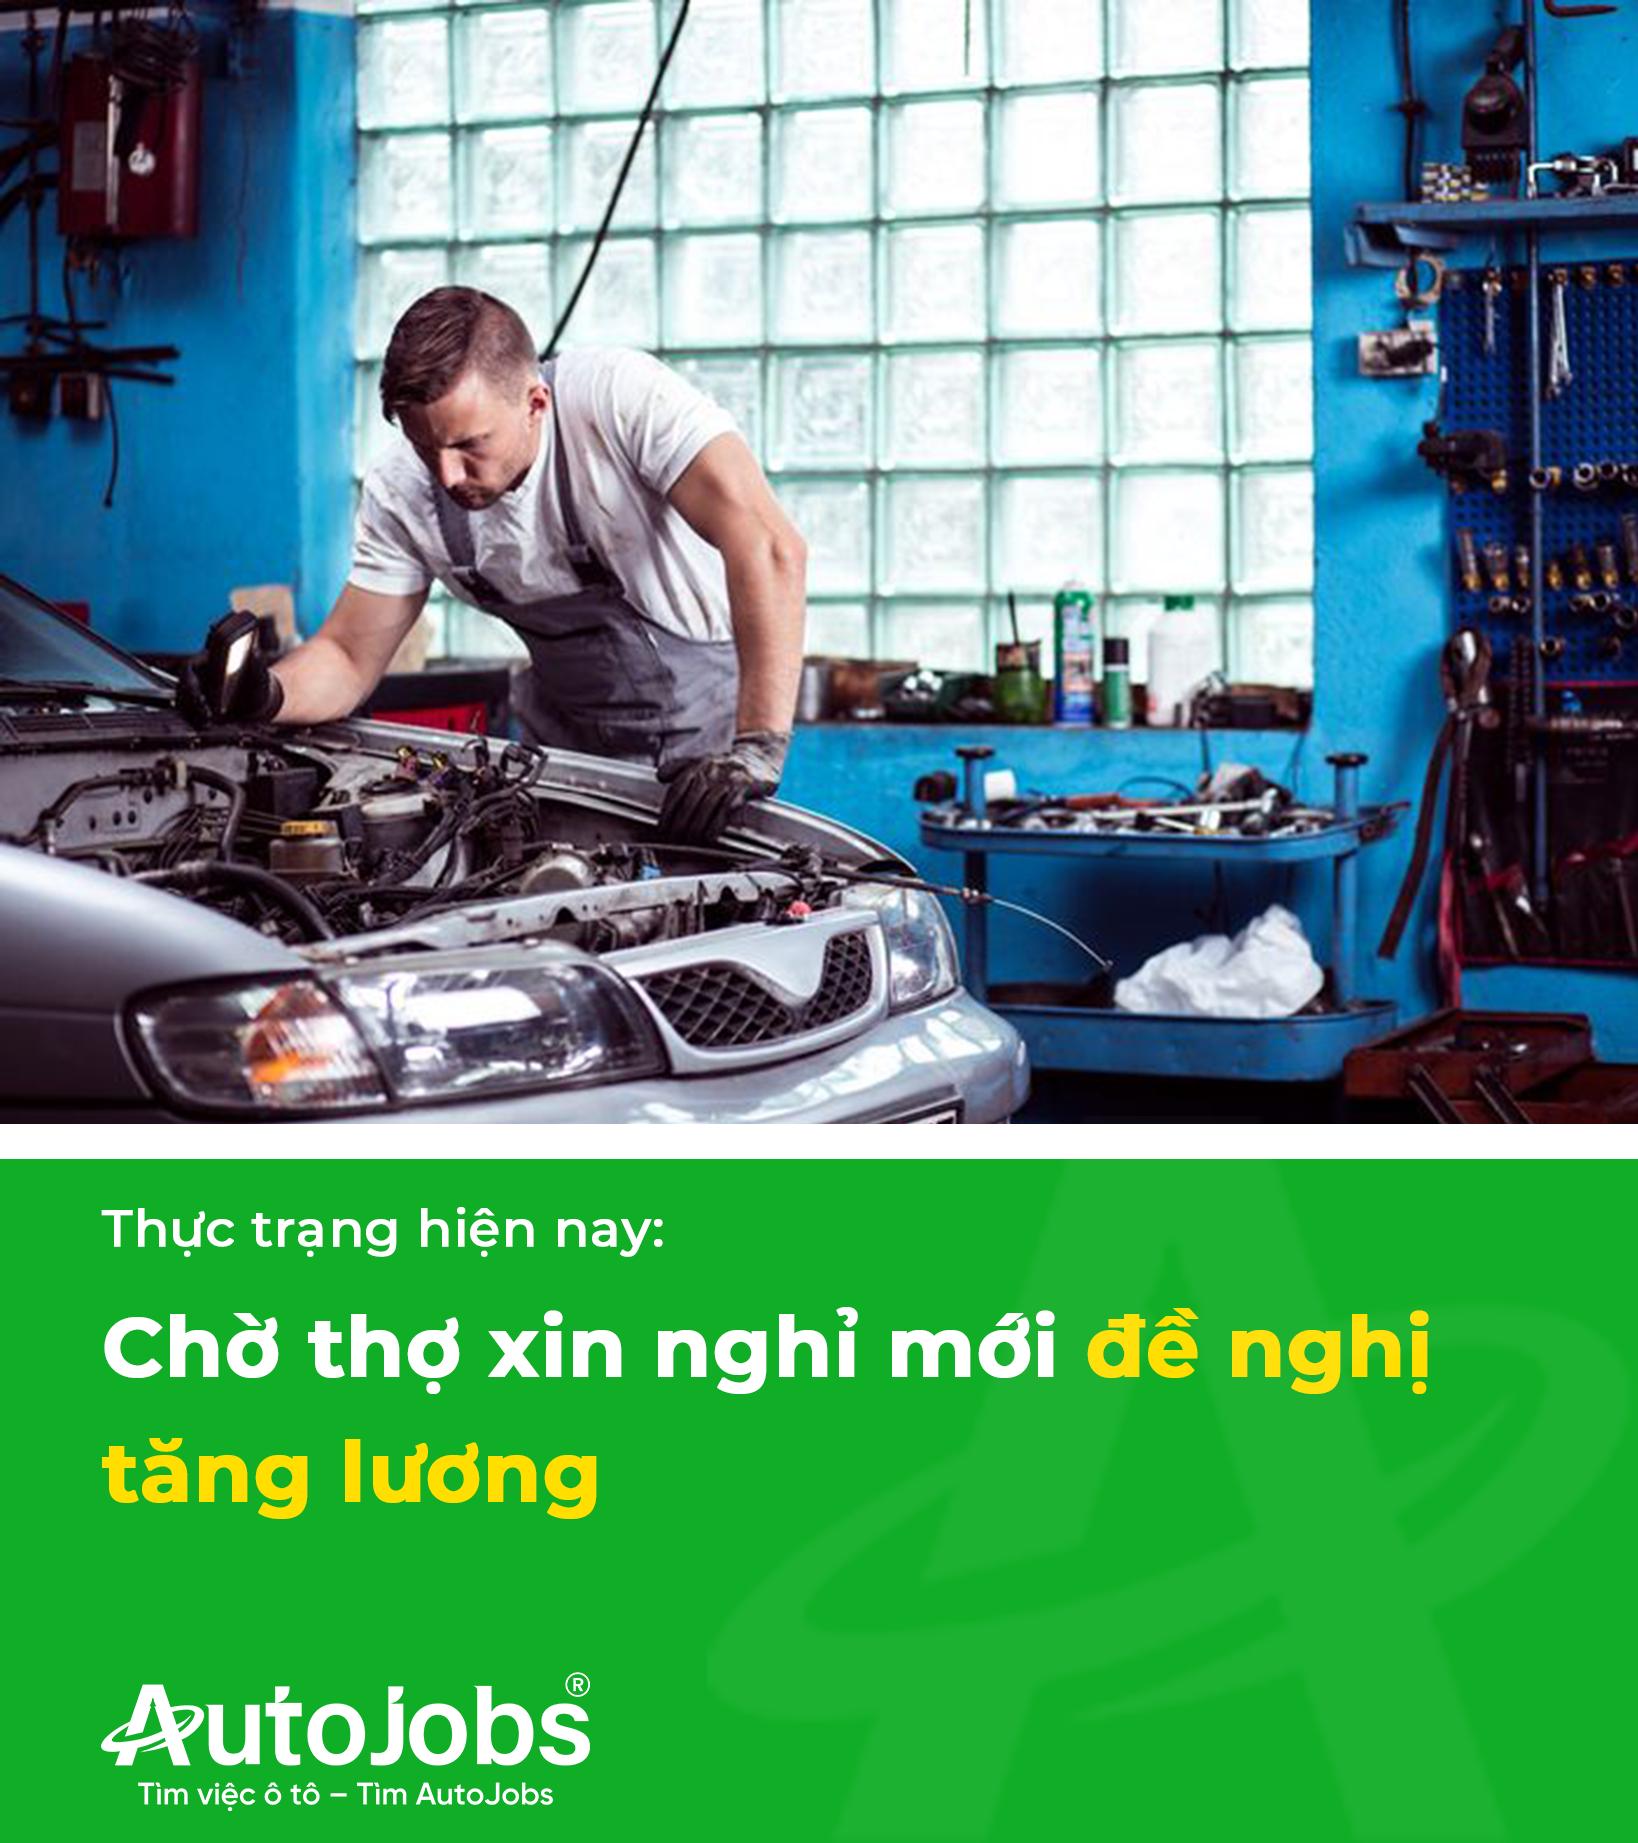 cho-tho-xin-nghi-moi-de-nghi-tang-luong-autojobs.png